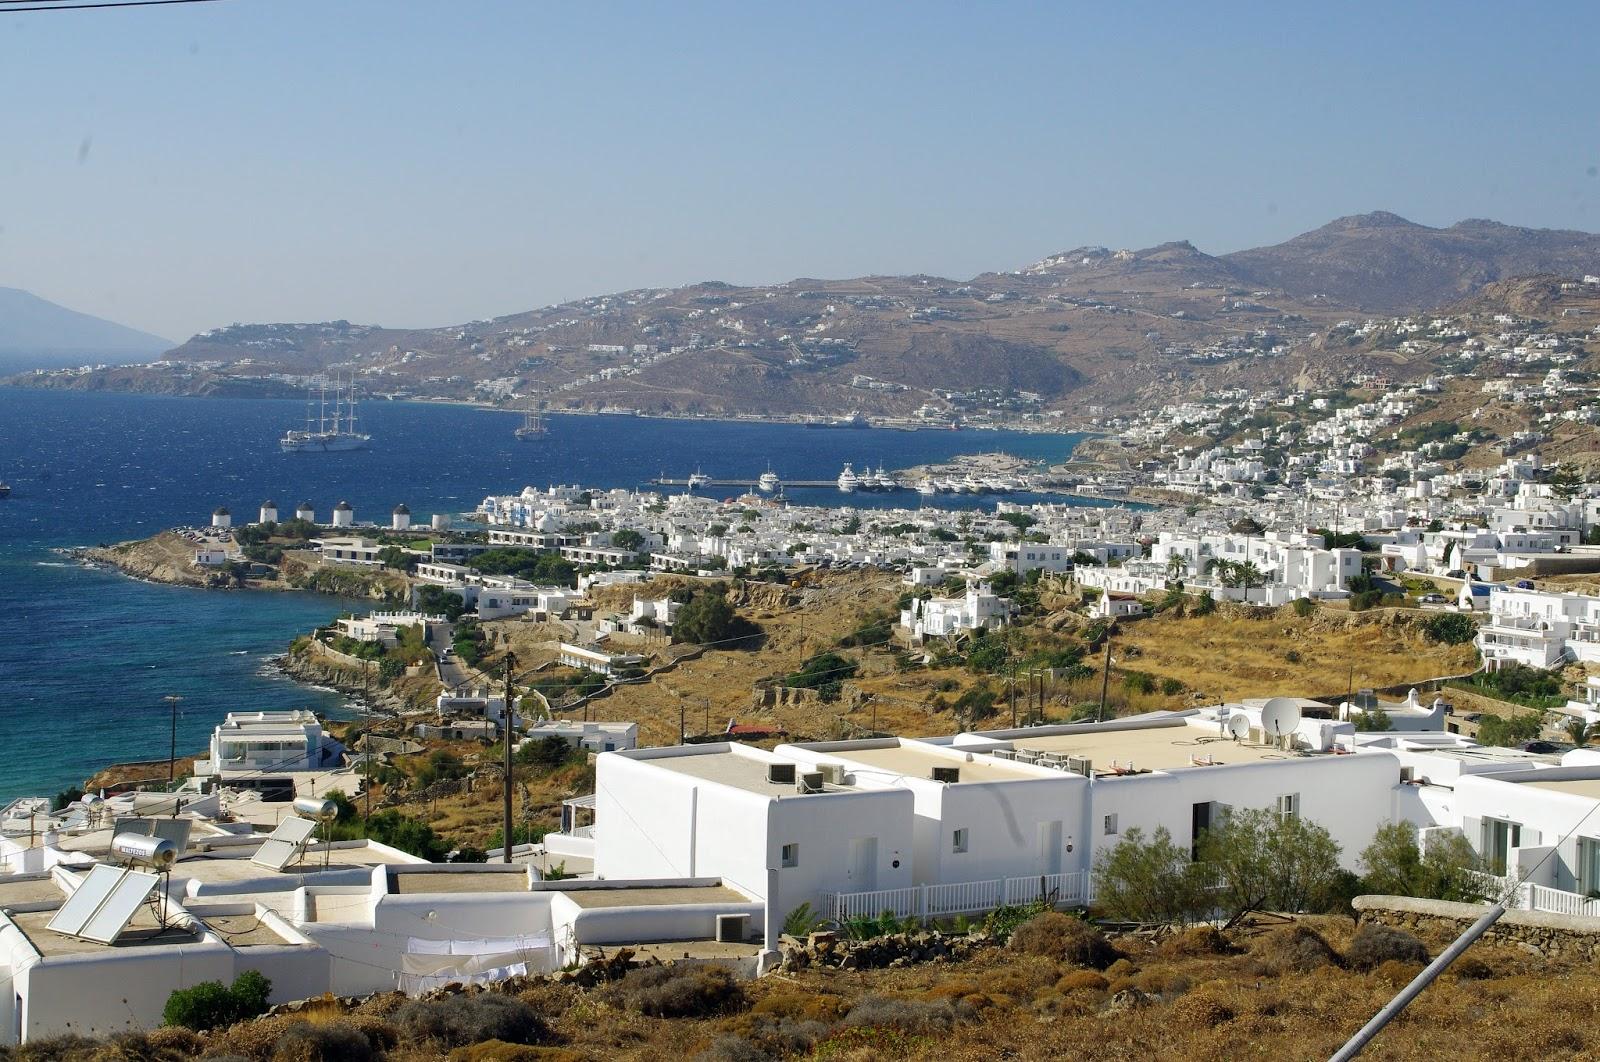 Mykonos Town from Tharroe of Mykonos